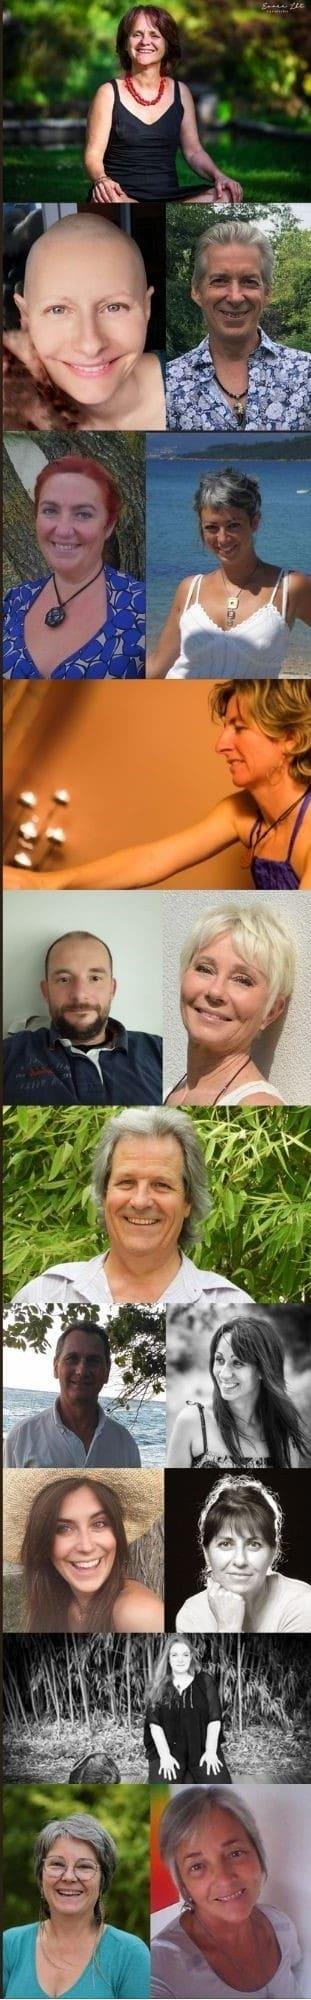 Membres association massage tantrique